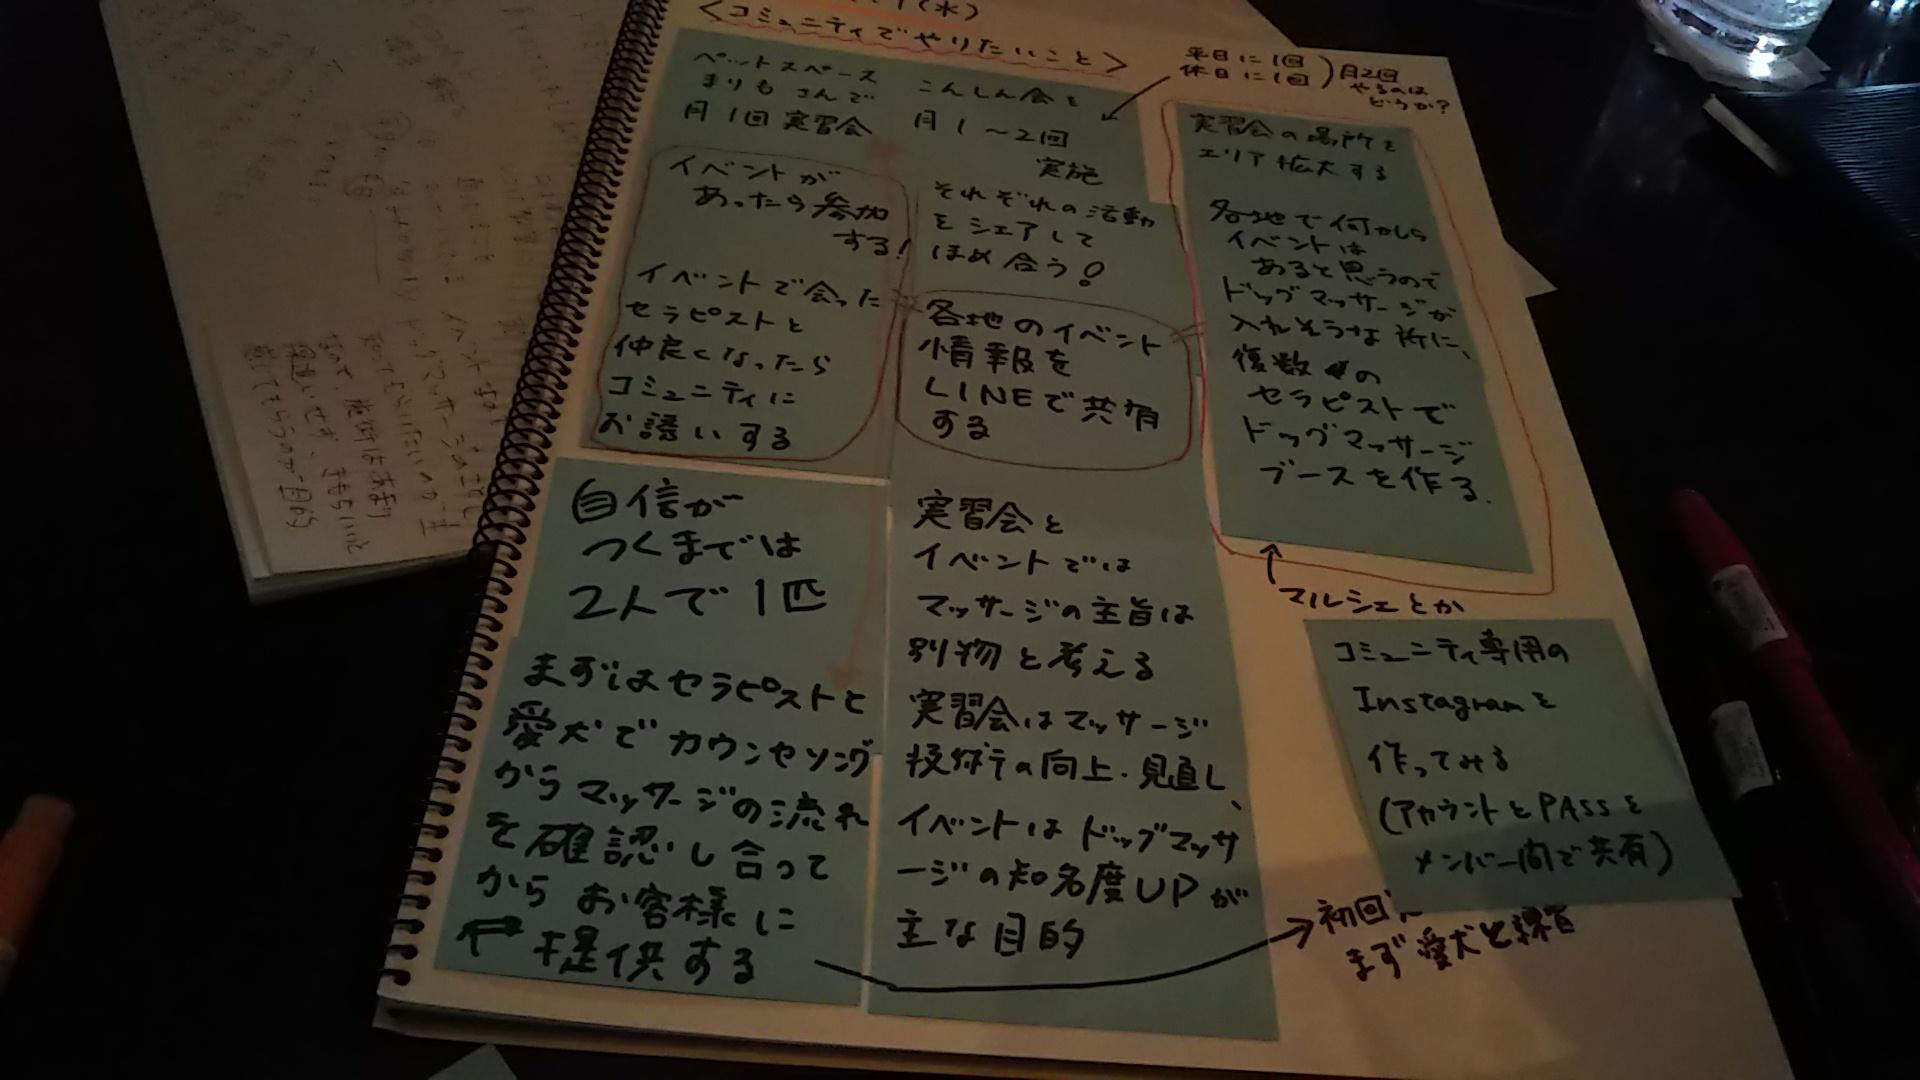 20200219第1回懇親会(カフェ内)